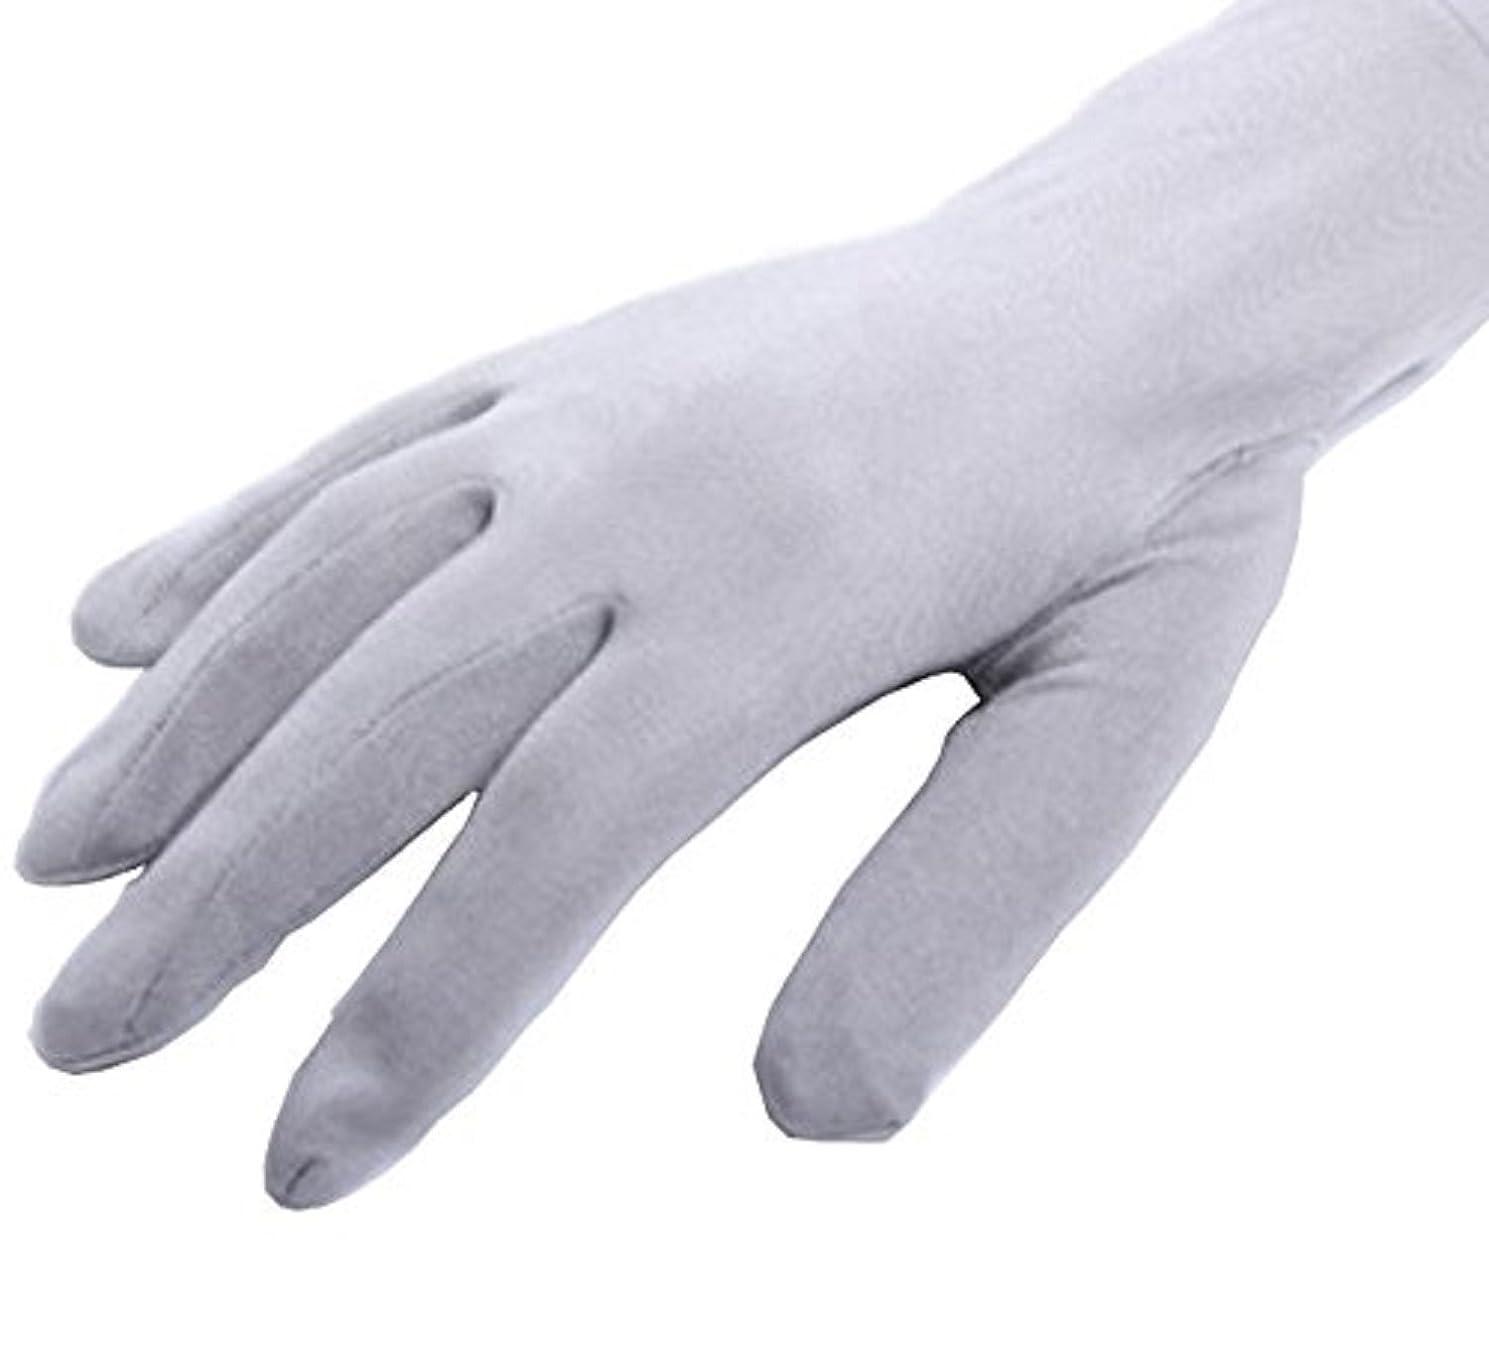 存在する運搬締め切りCREPUSCOLO 手荒れ対策! シルク手袋 おやすみ 手袋 保湿ケア UVカット ハンドケア シルク100% 全7色 (ライトグレー)